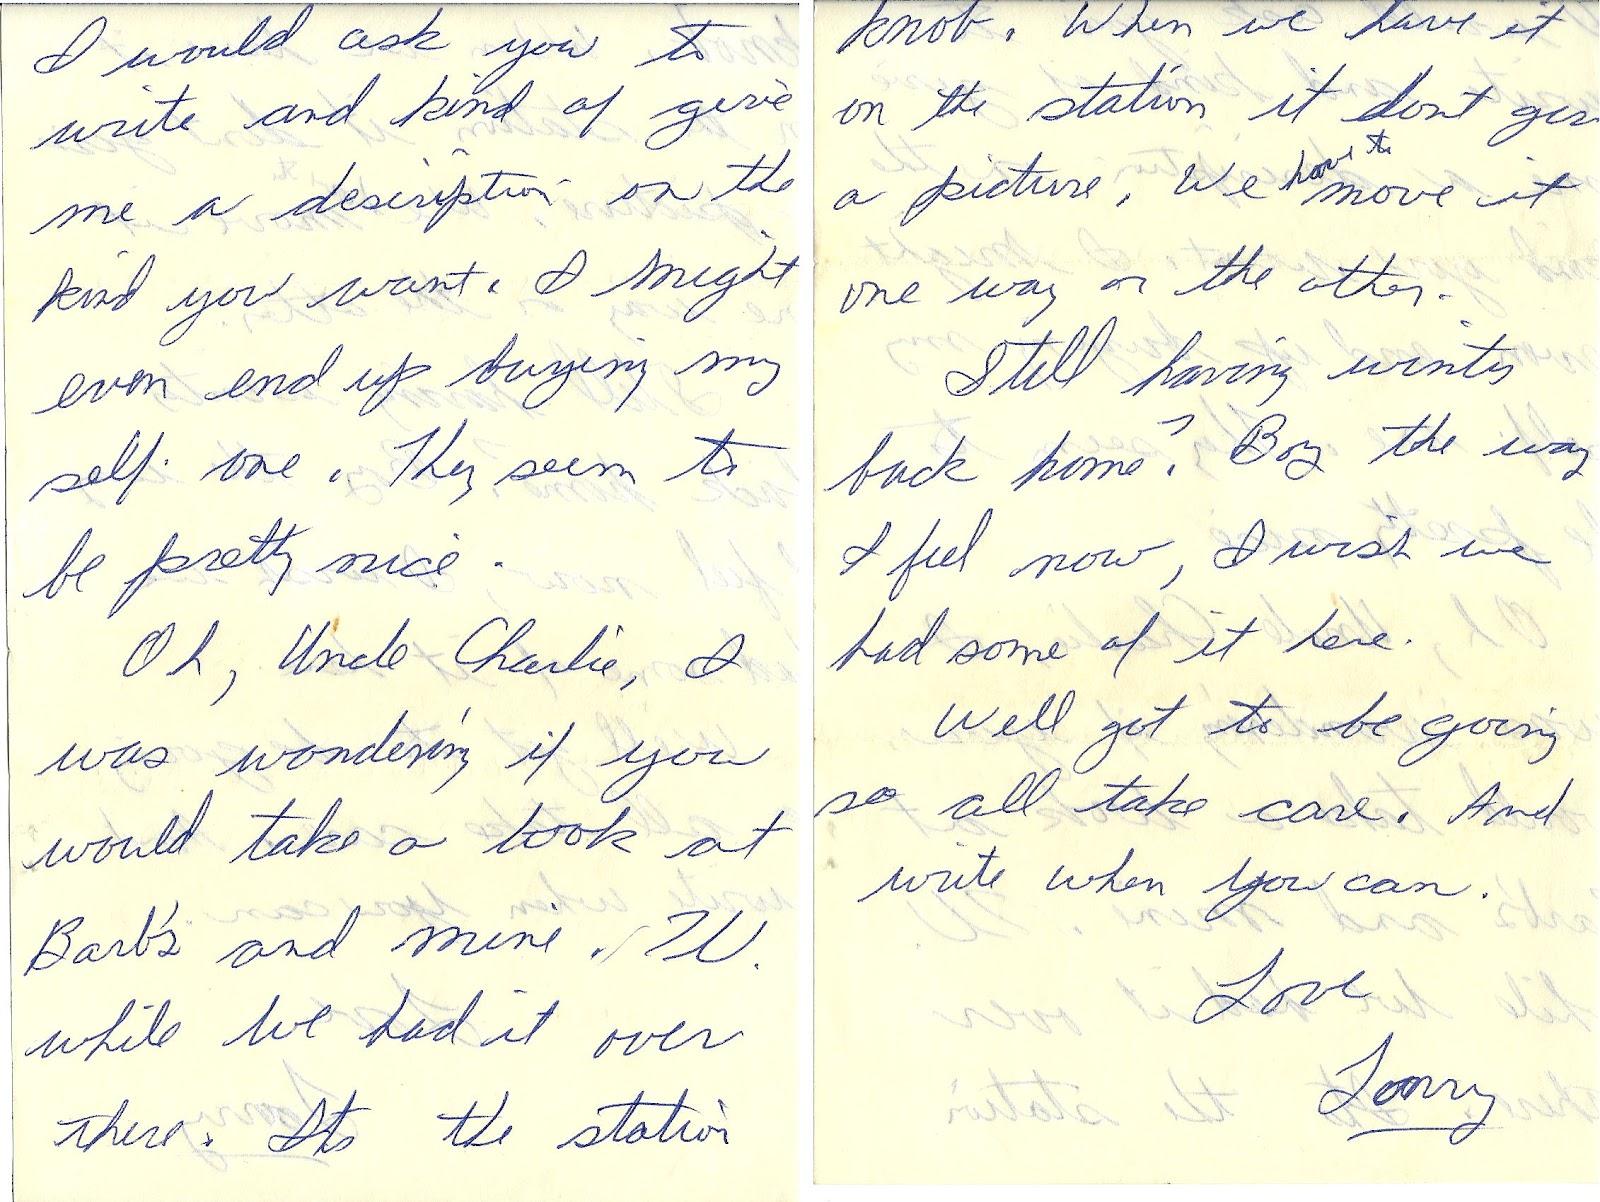 Charles W Leffert Letter from Larry Tate_2.jpg